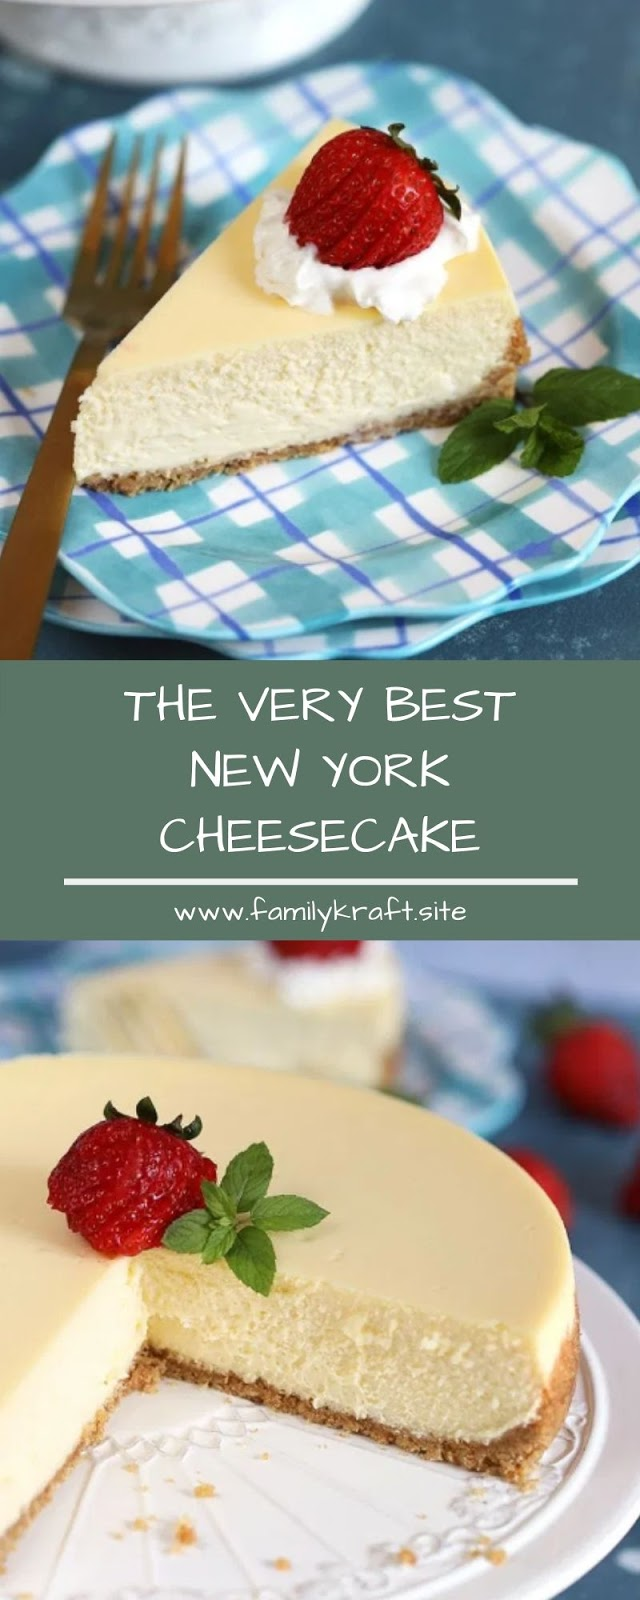 THE VERY BEST NEW YORK CHEESECAKE